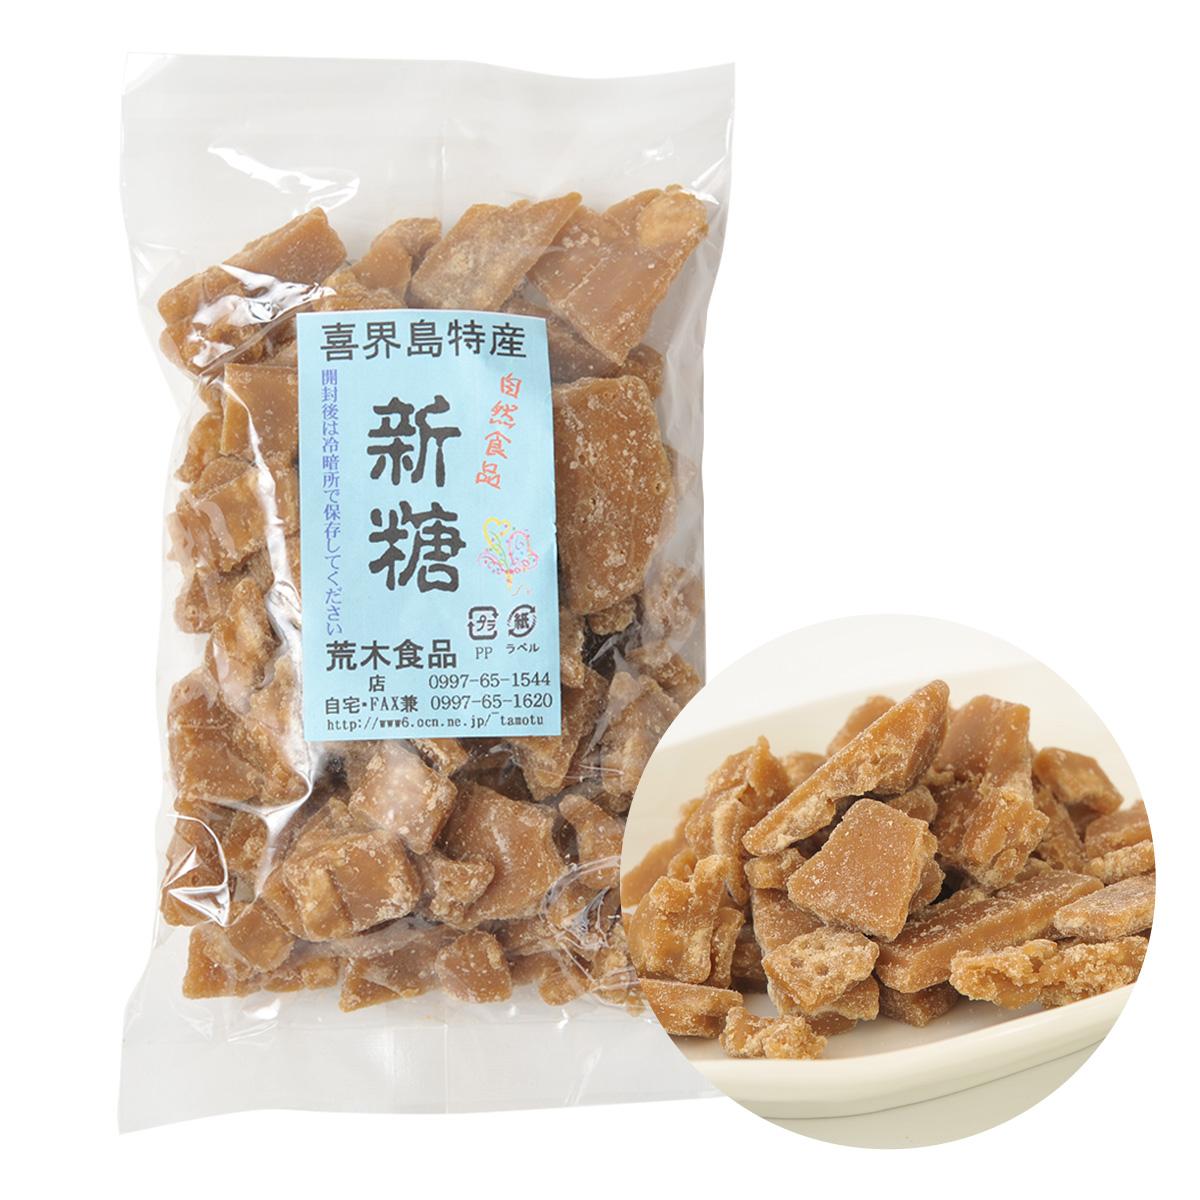 奄美大島 黒砂糖 黒糖 荒木食品300g×40袋 喜界島